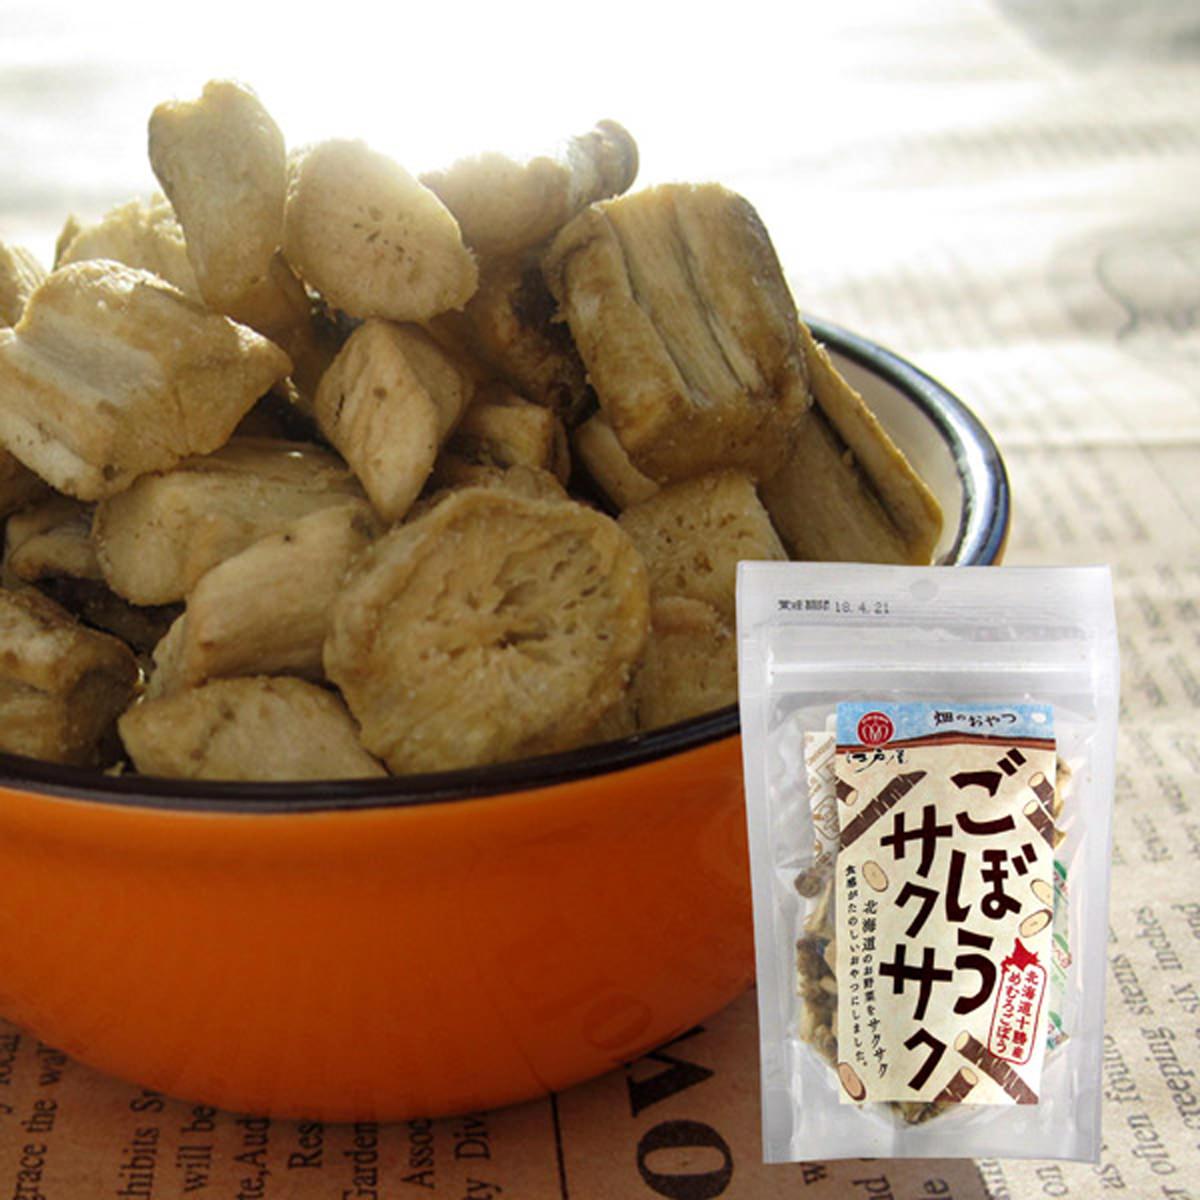 ごぼうサクサク 4個入り 〔23g×4〕 北海道 スナック菓子 江戸屋